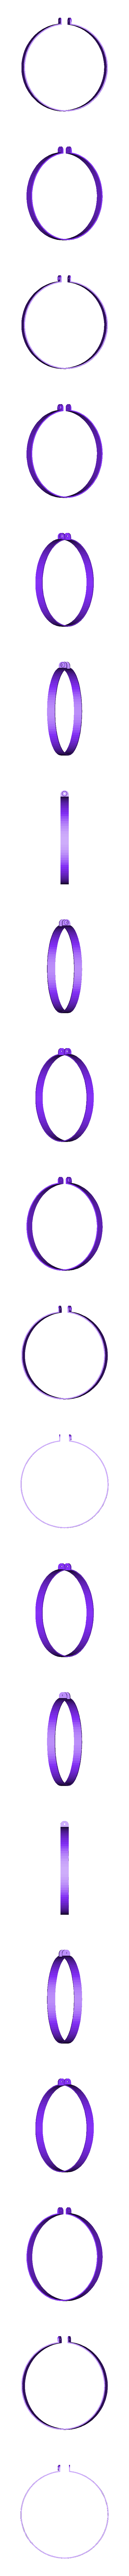 Yeti Pop Lock 6in.stl Télécharger fichier STL gratuit Filtre bleu pour le yéti • Design à imprimer en 3D, LilMikey